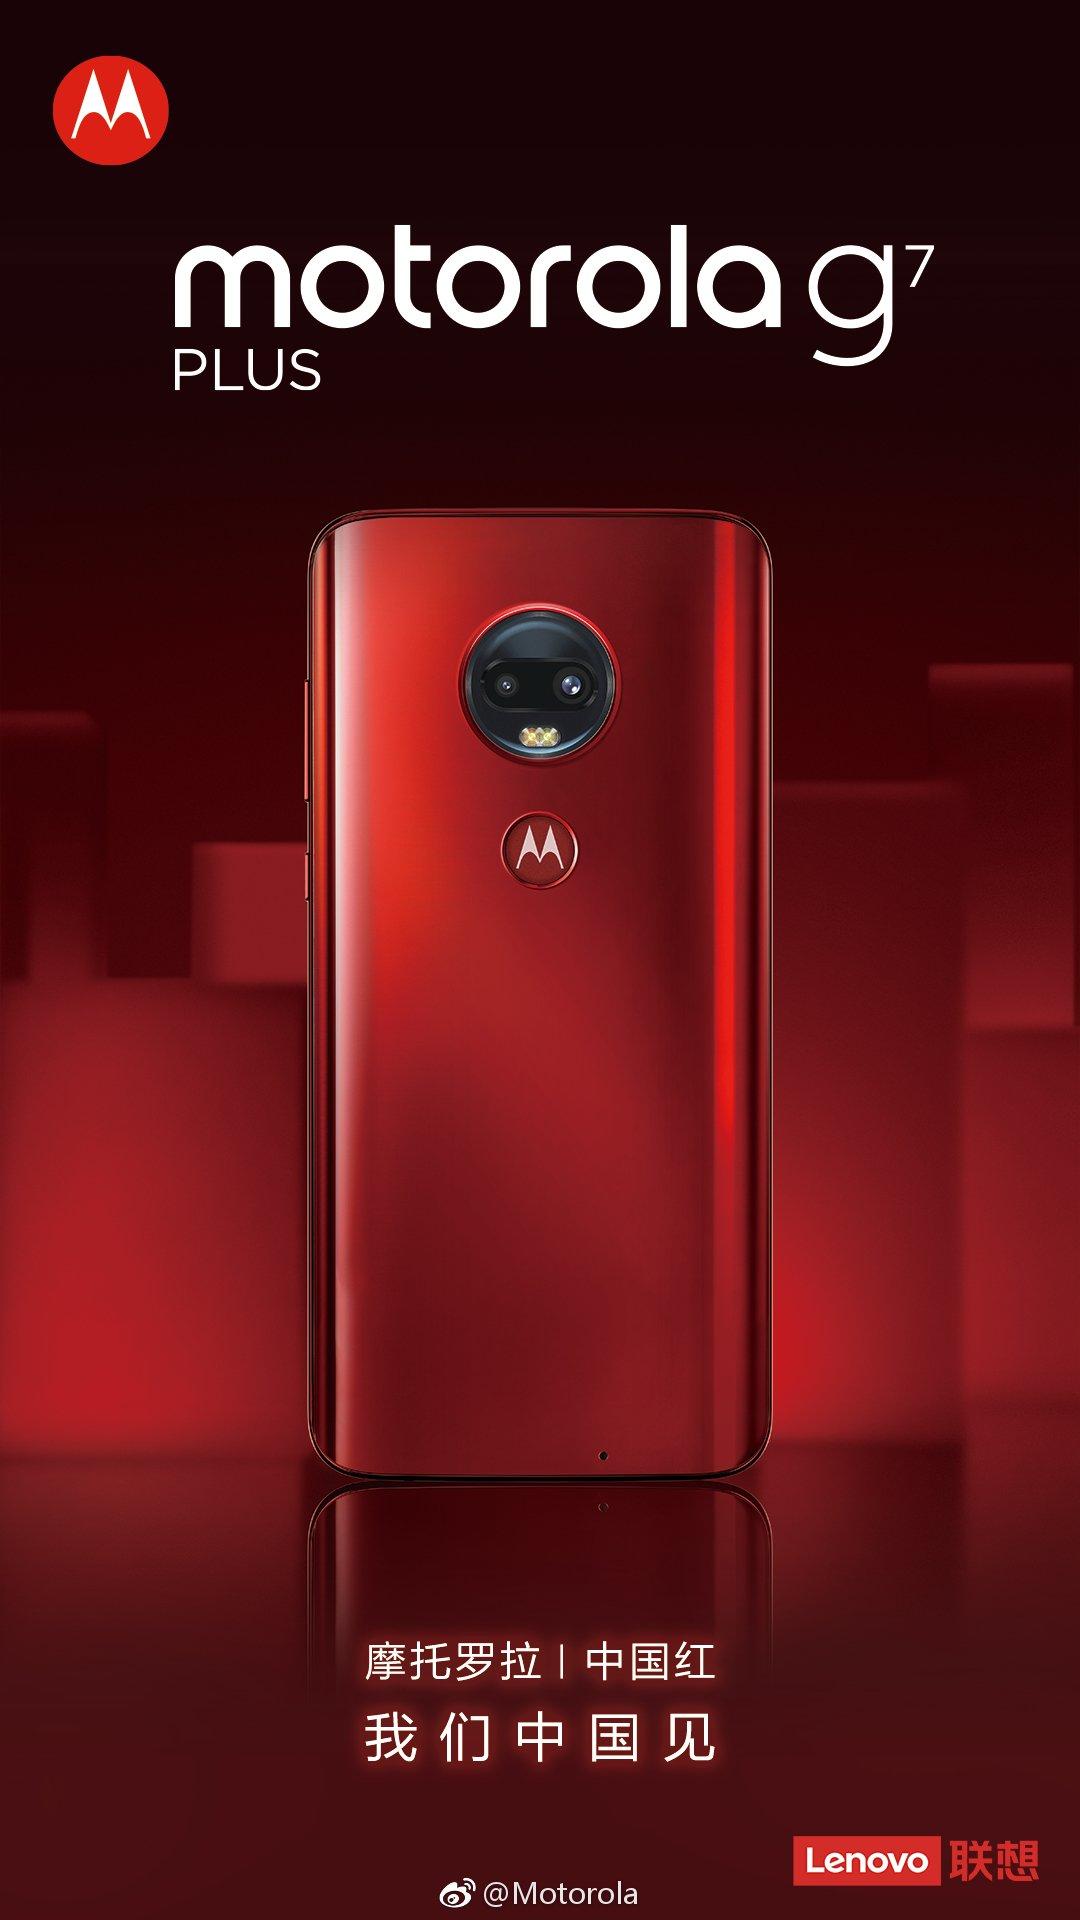 Motorola g7 Plus Chinese Red